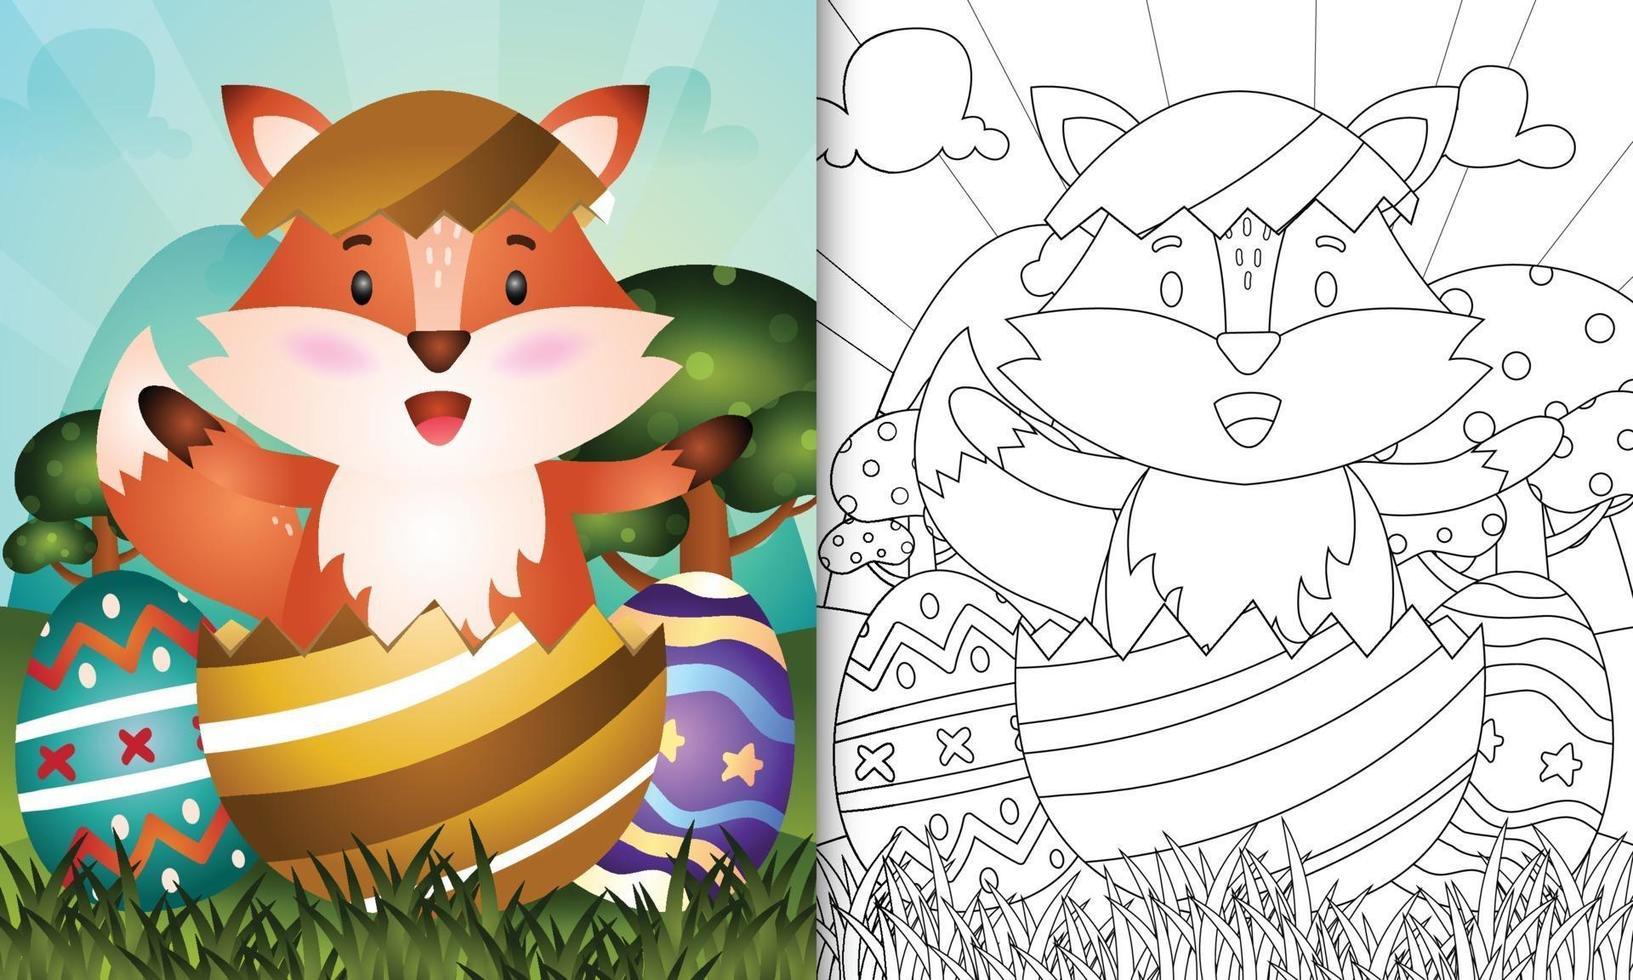 livro de colorir para crianças com tema feliz páscoa com ilustração de uma linda raposa no ovo vetor